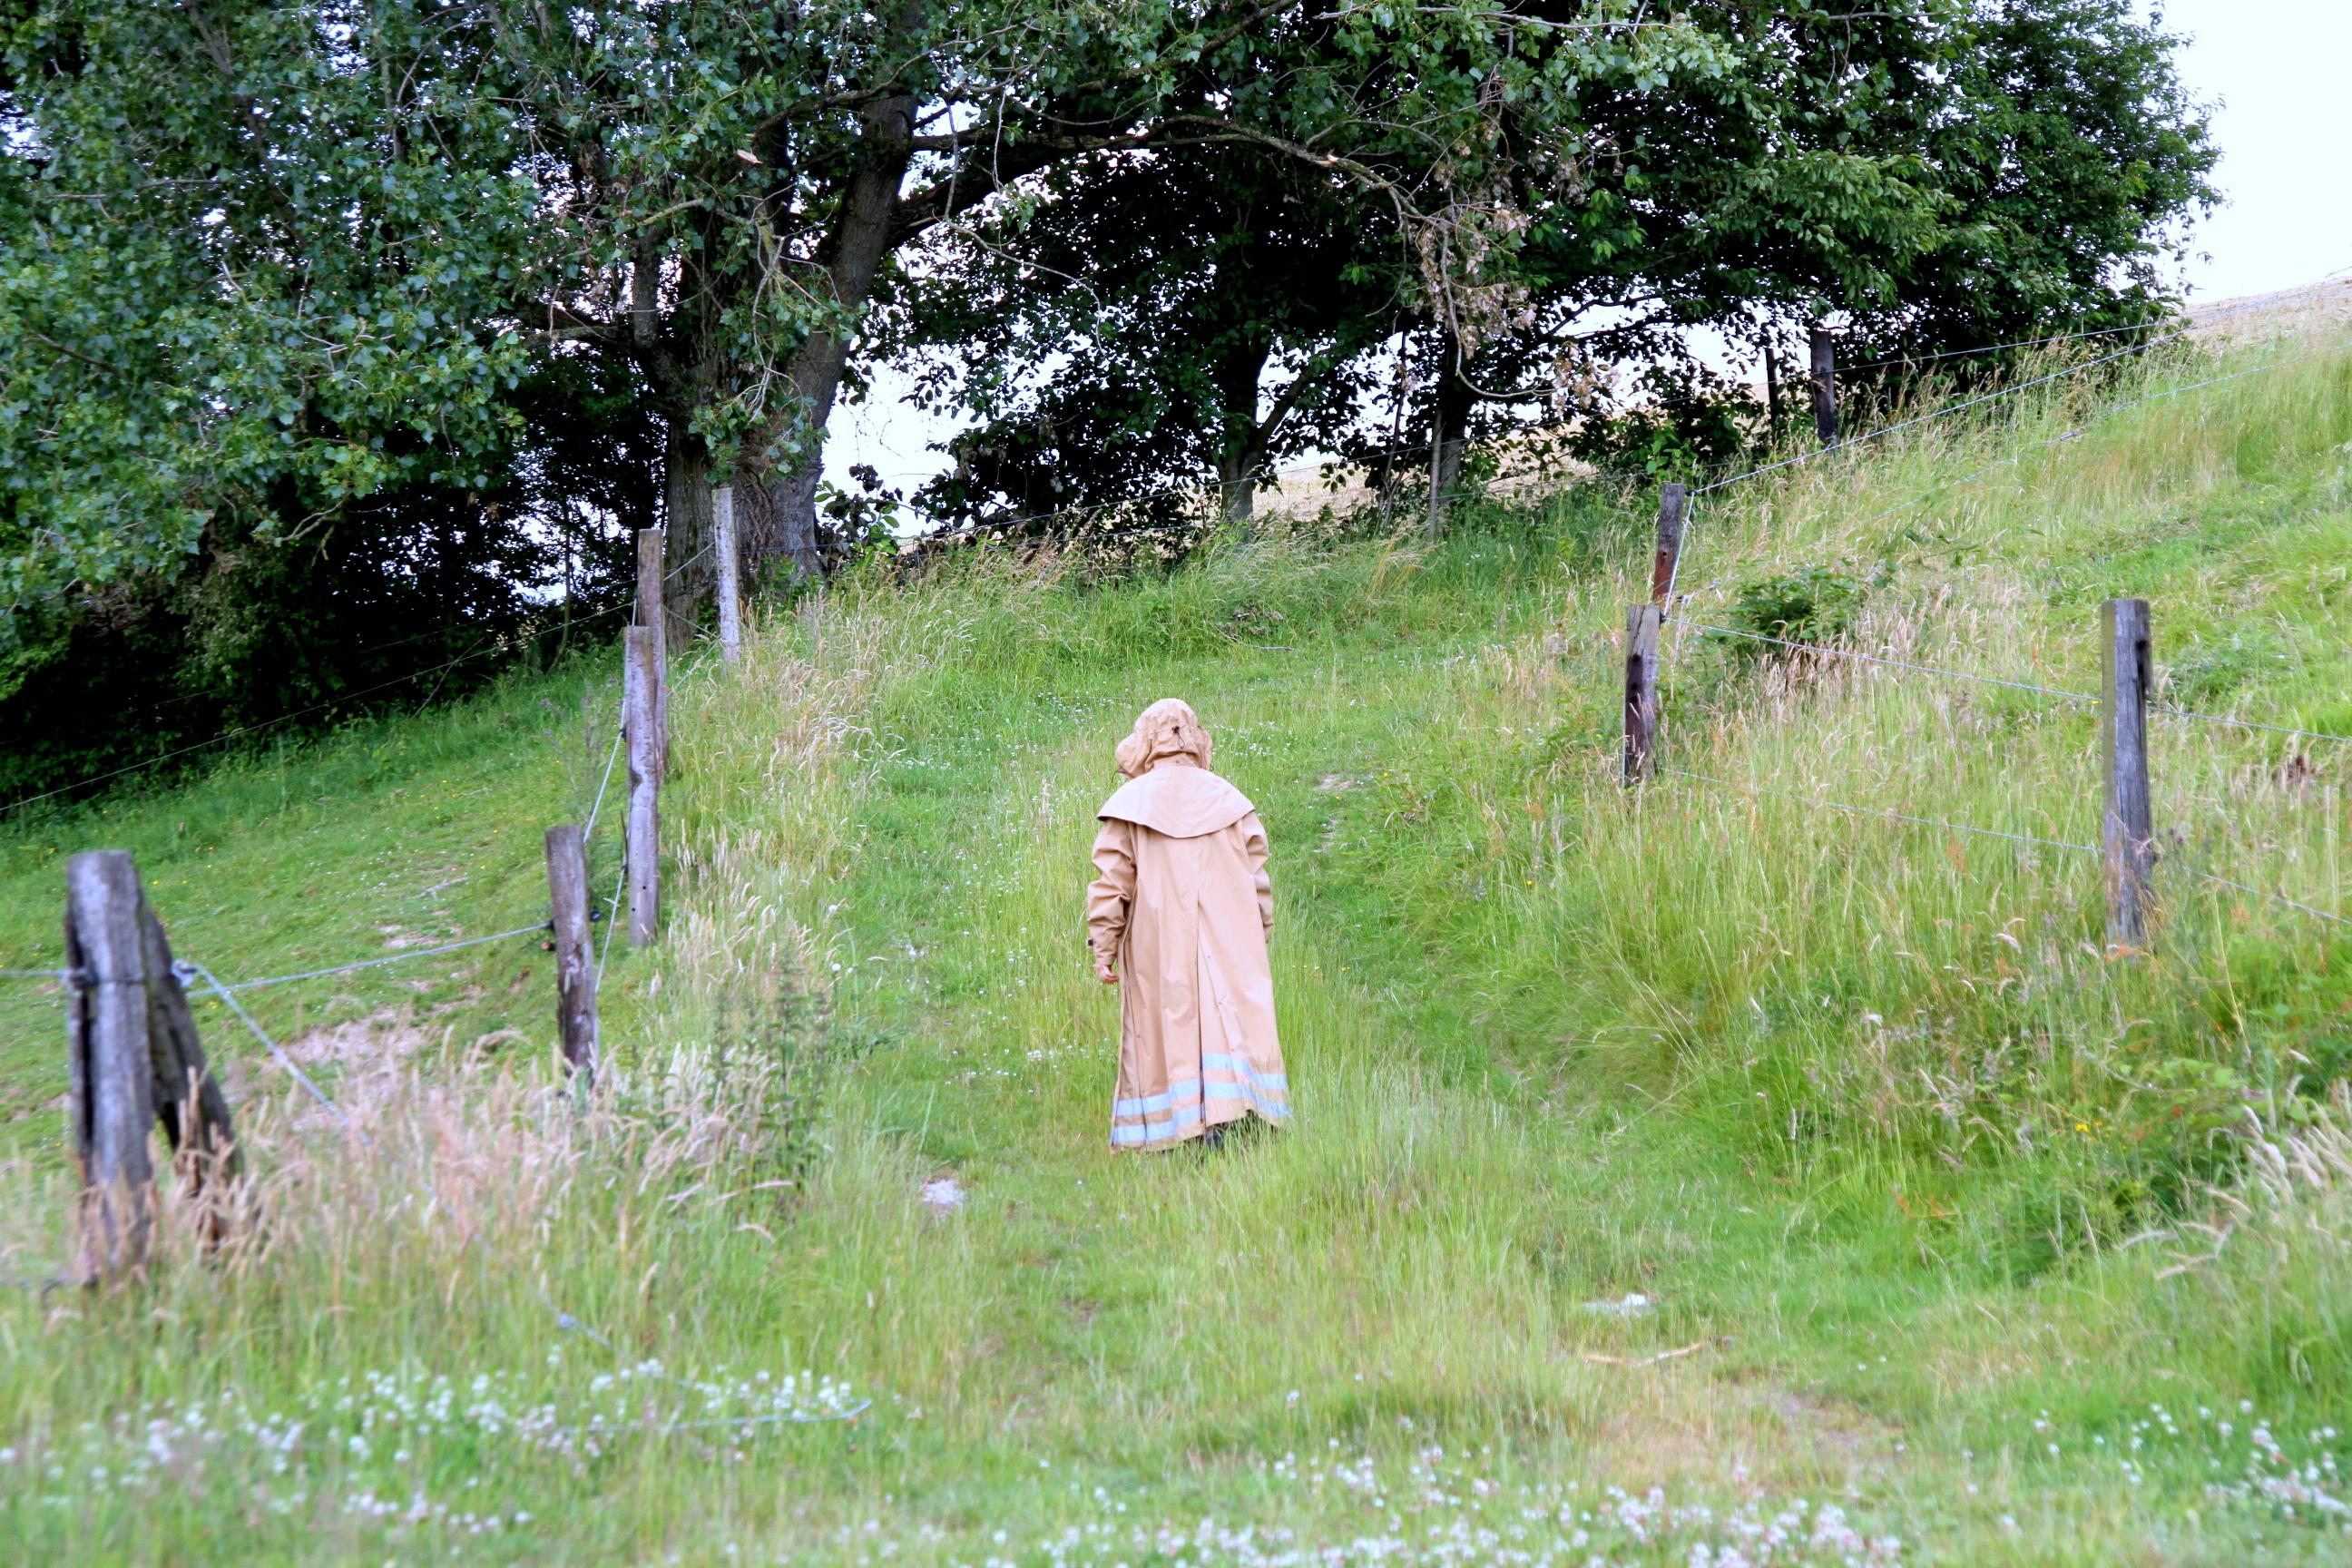 Frua mit bodenlangem Regenmantel auf dem Weg zur Koppel